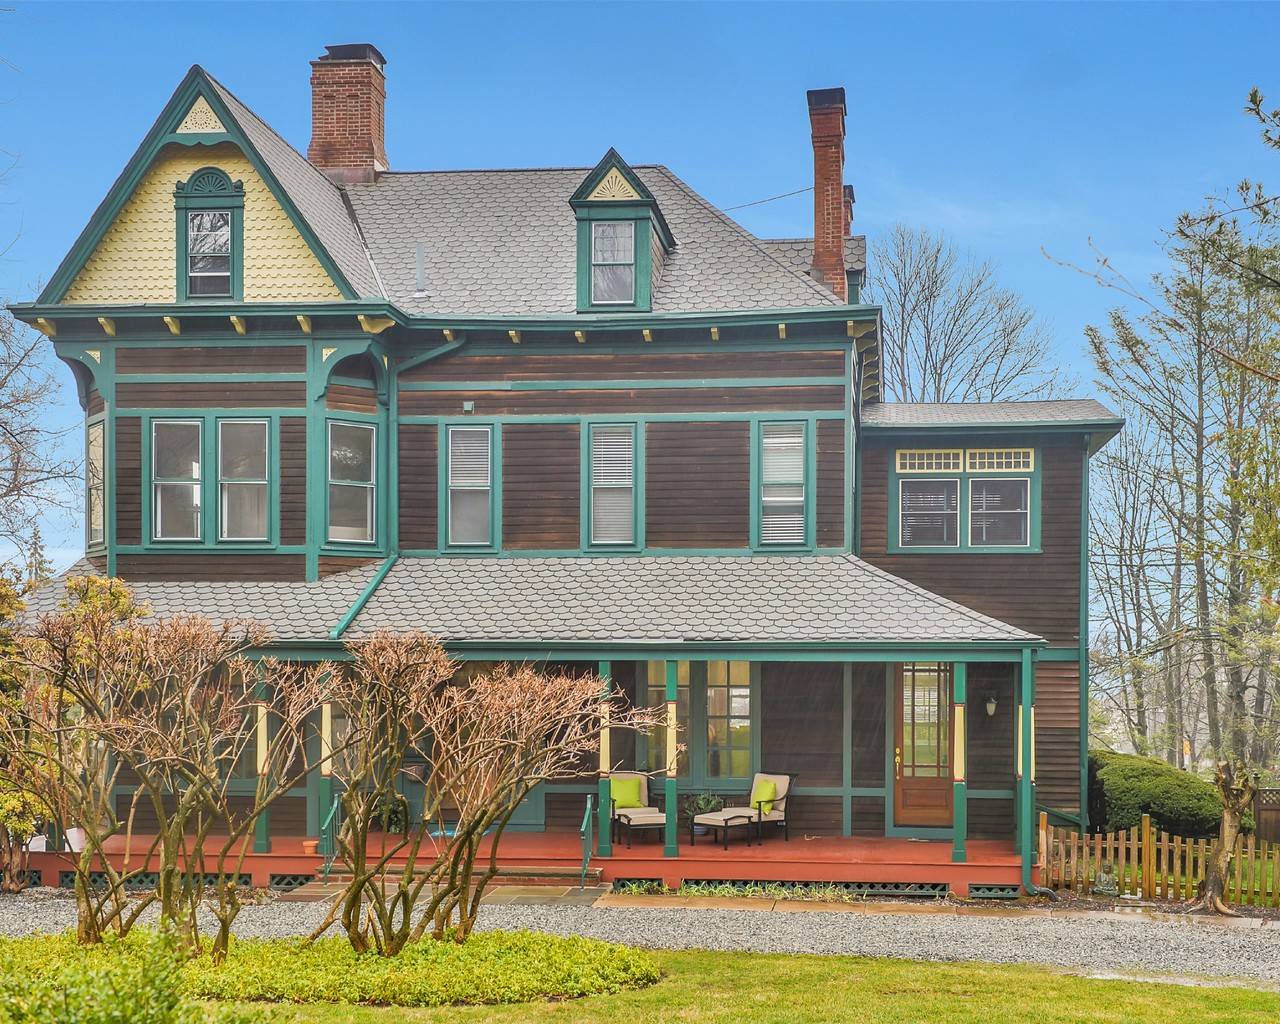 단독 가정 주택 용 매매 에 Sophisticated Queen Anne Victorian 335 Upper Mountain Avenue Montclair, 뉴저지, 07043 미국